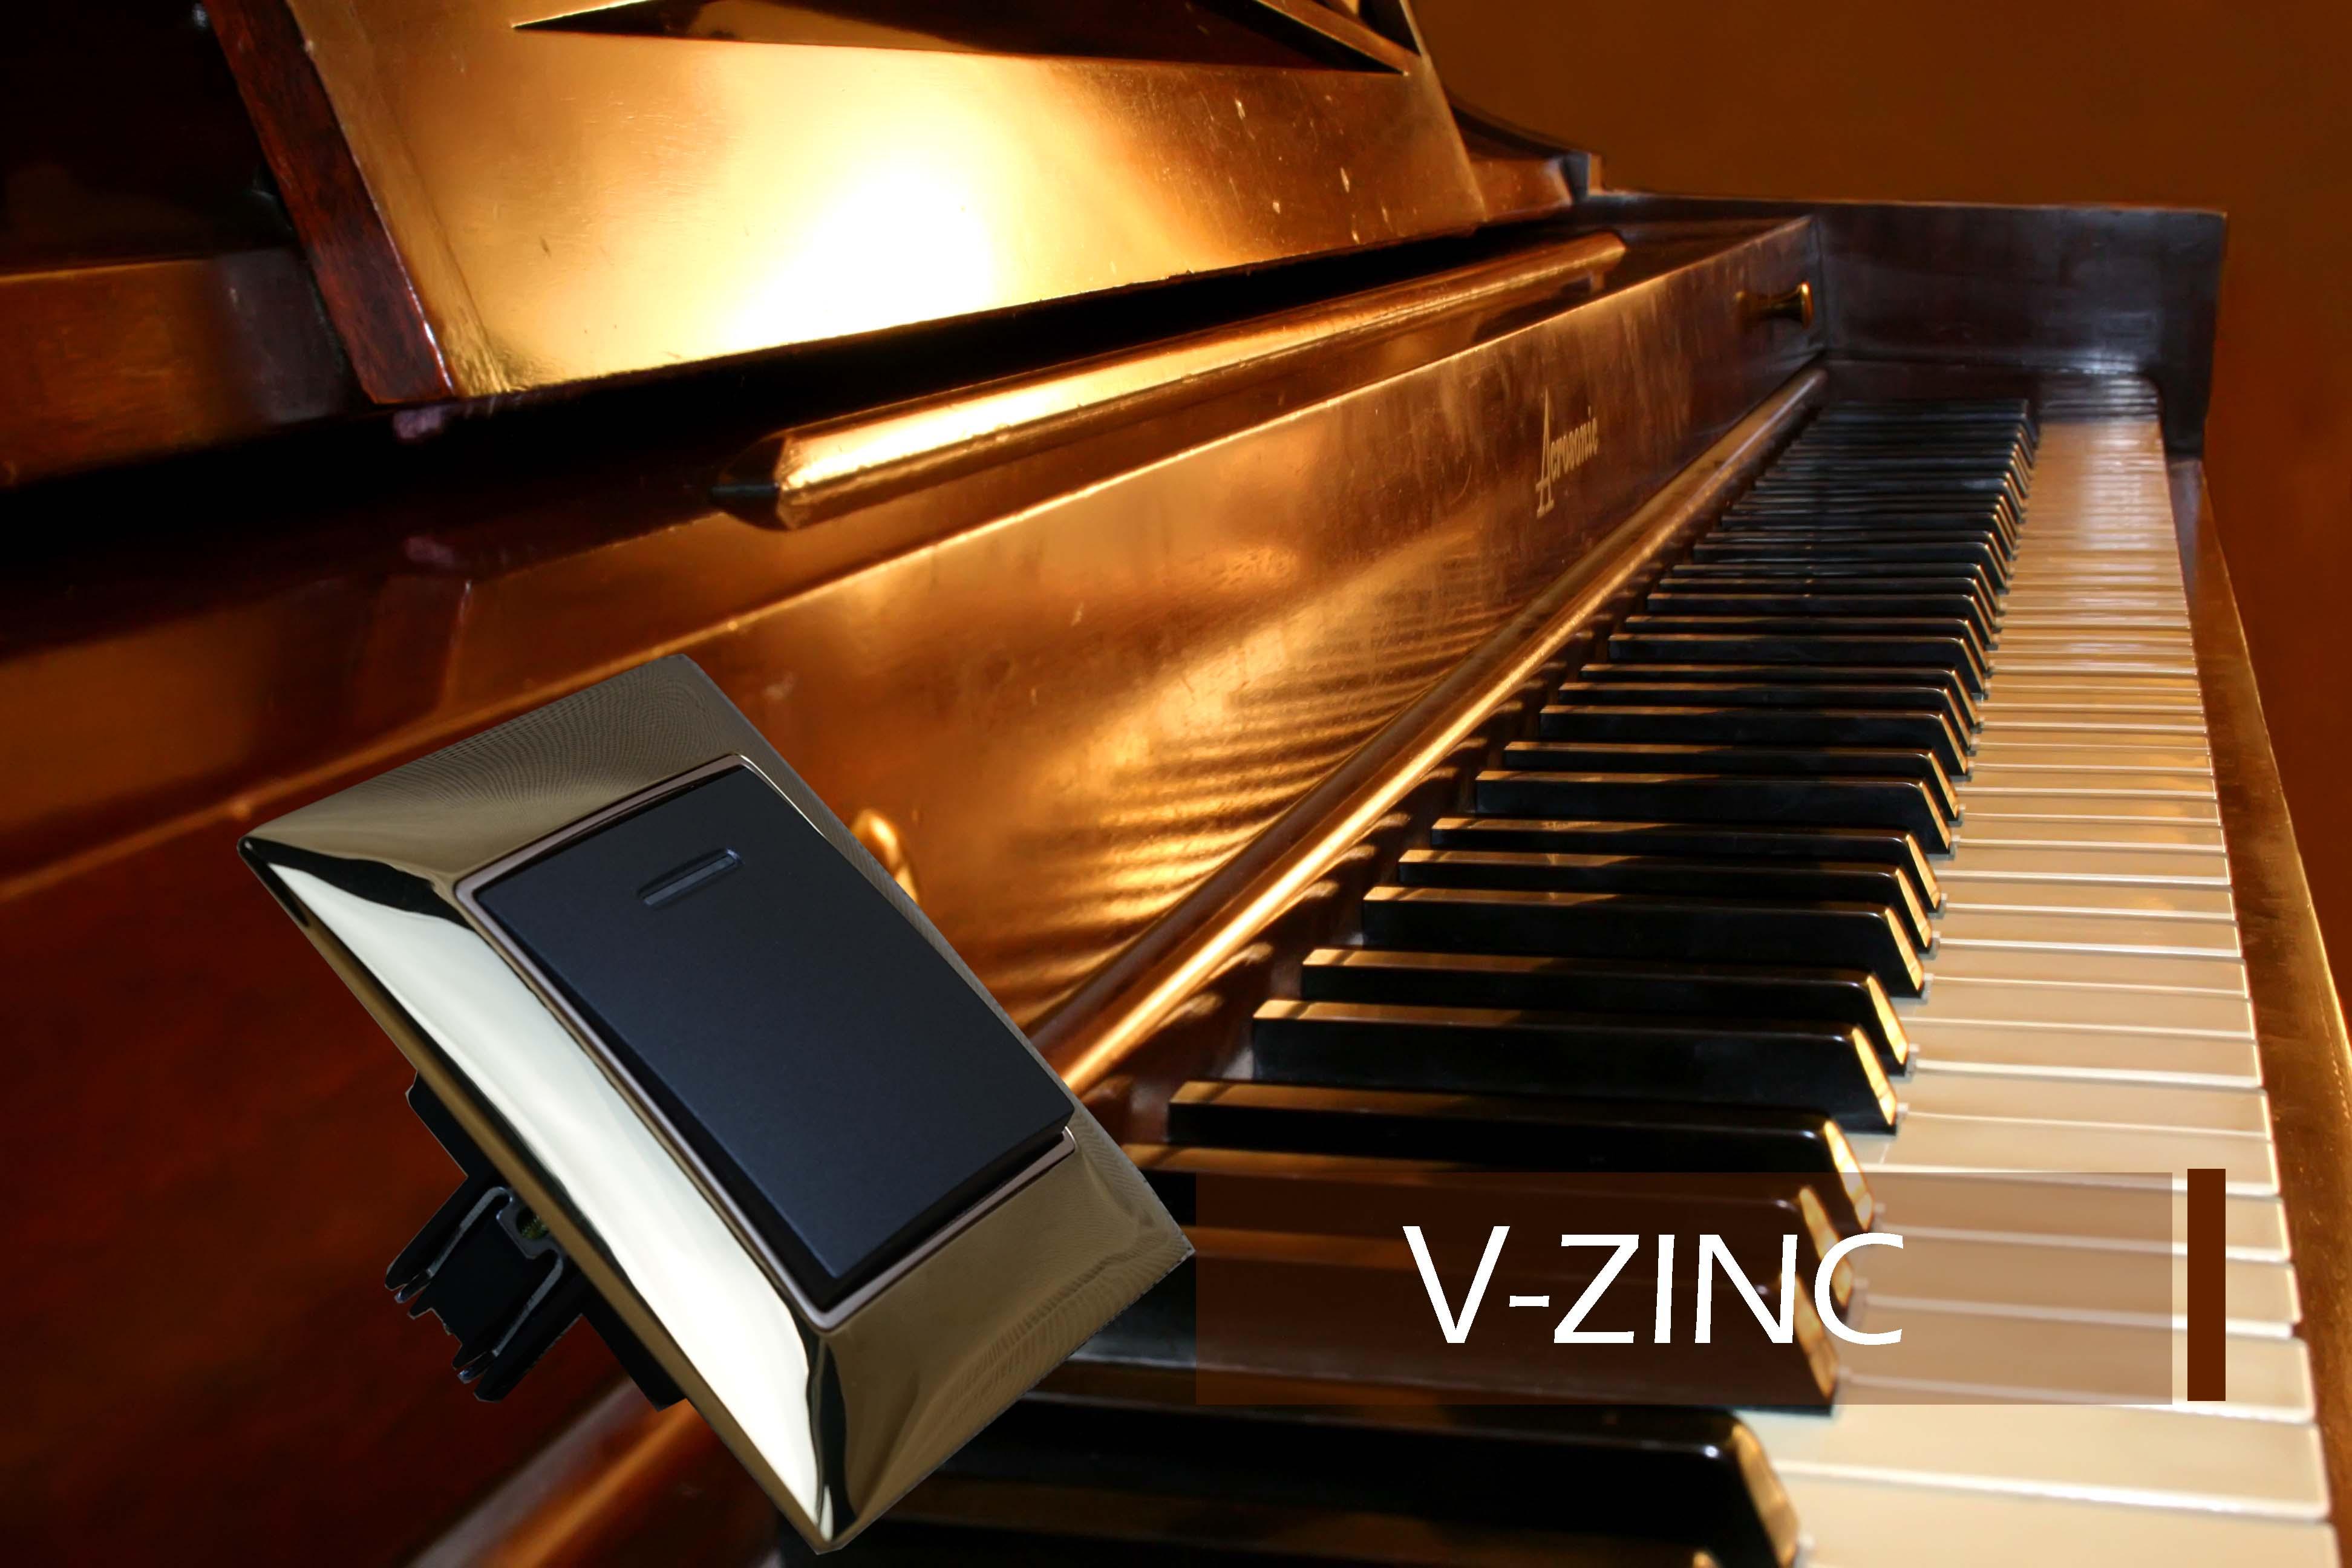 V-Zinc series